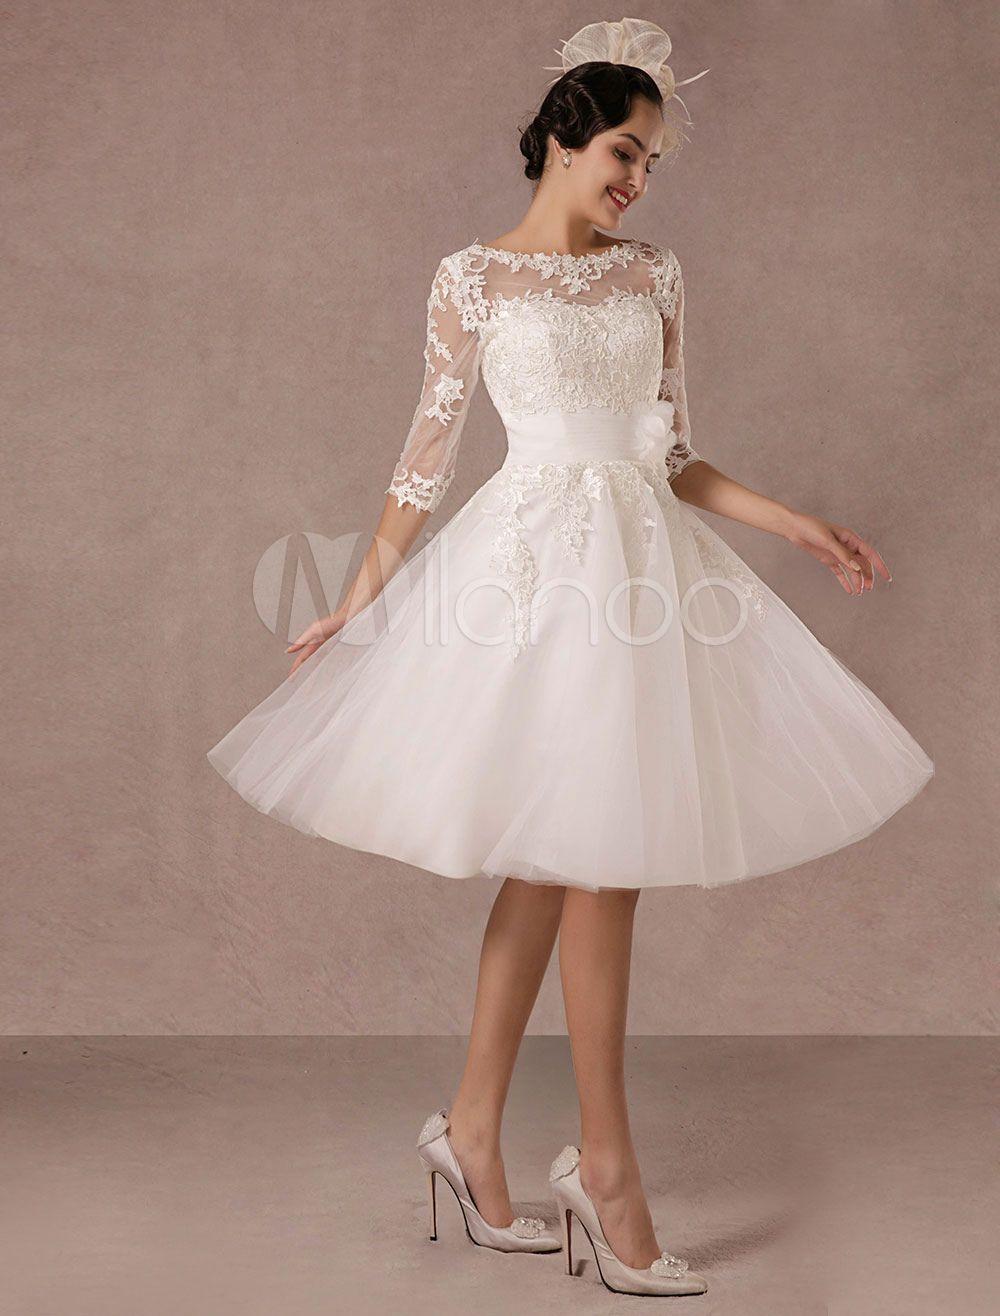 Hochzeitskleid Kurz Mit ärmel – Valentins Day  Brautkleid kurz